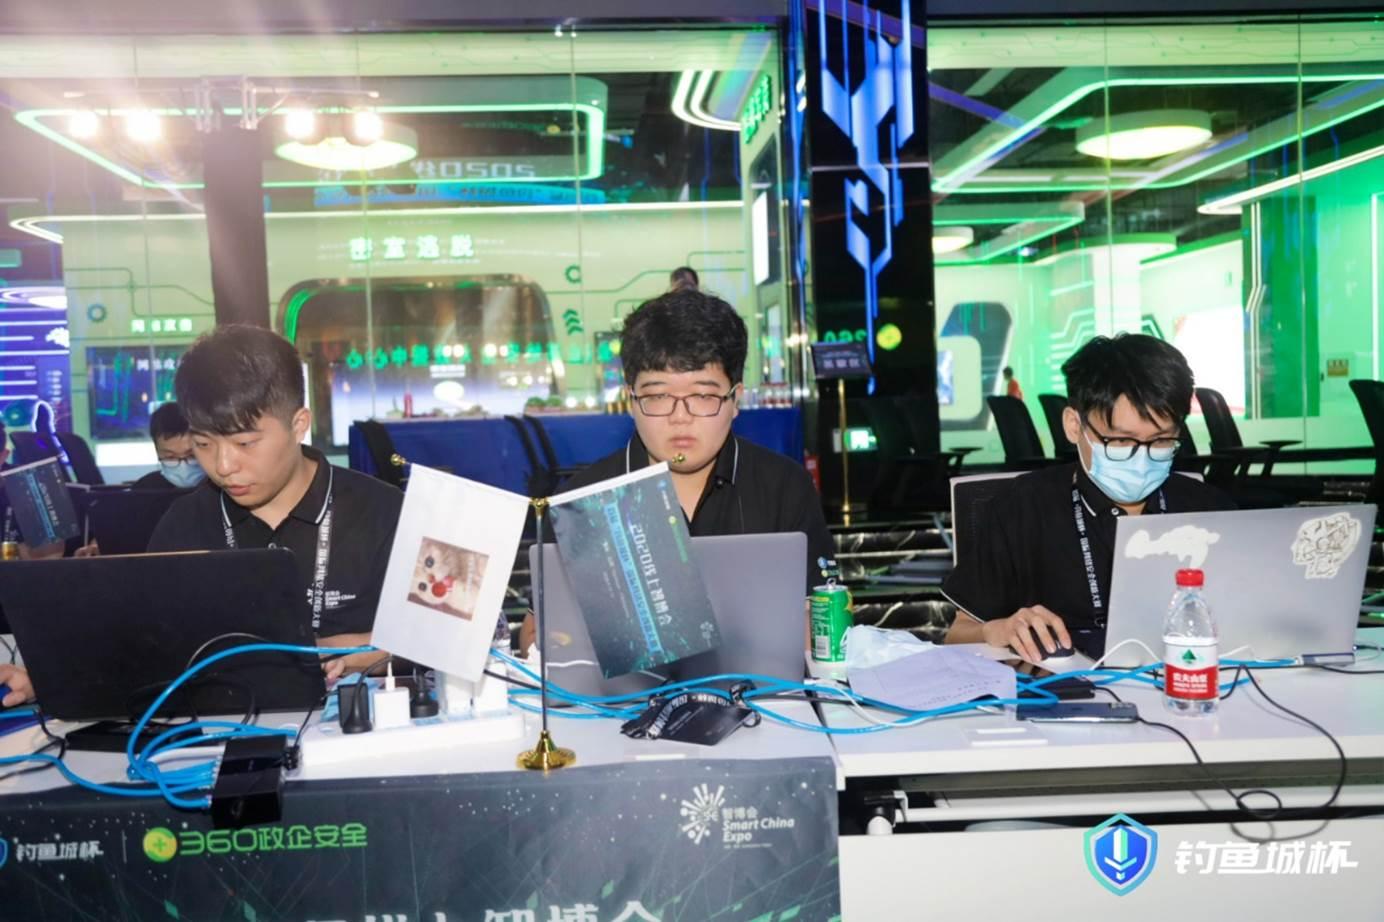 我院学生在2020年首届国际网络安全创新大赛总决赛上获得亚军